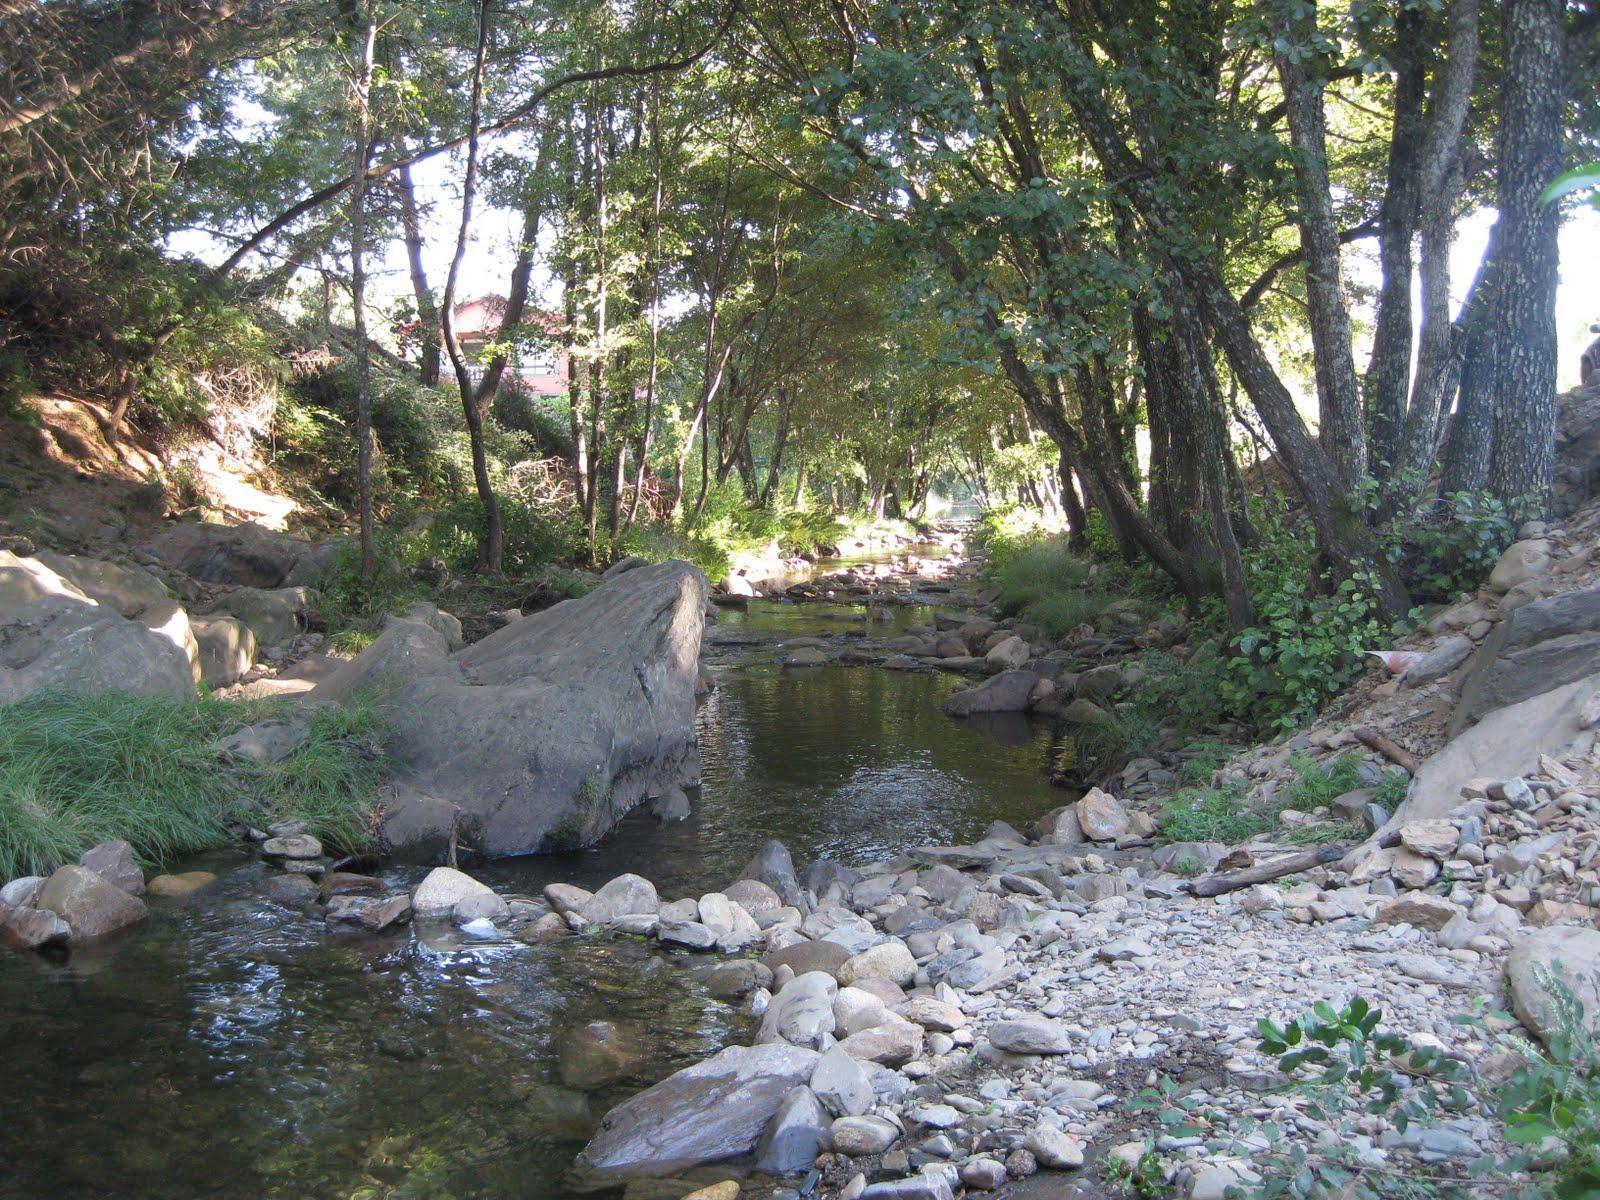 Al sur del sur piscinas naturales de la sierra de gata for Piscinas naturales robledillo de gata